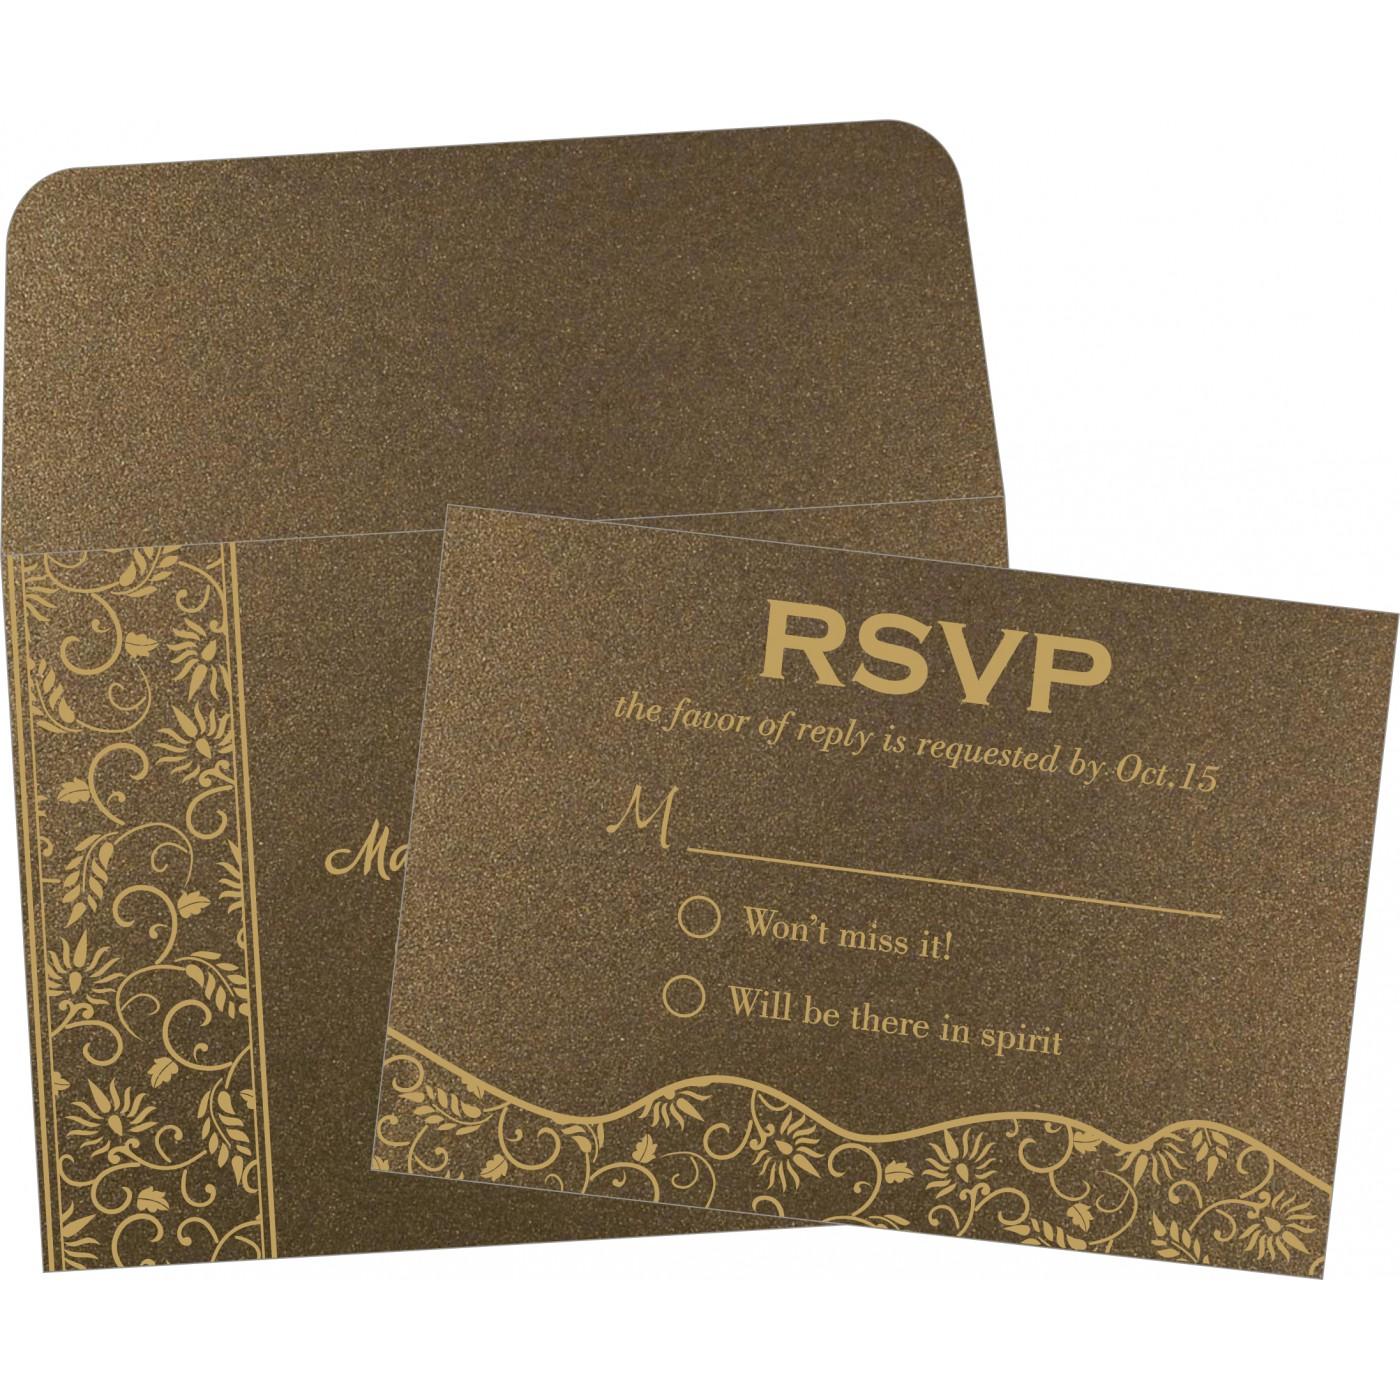 RSVP Cards : RSVP-8236I - 123WeddingCards